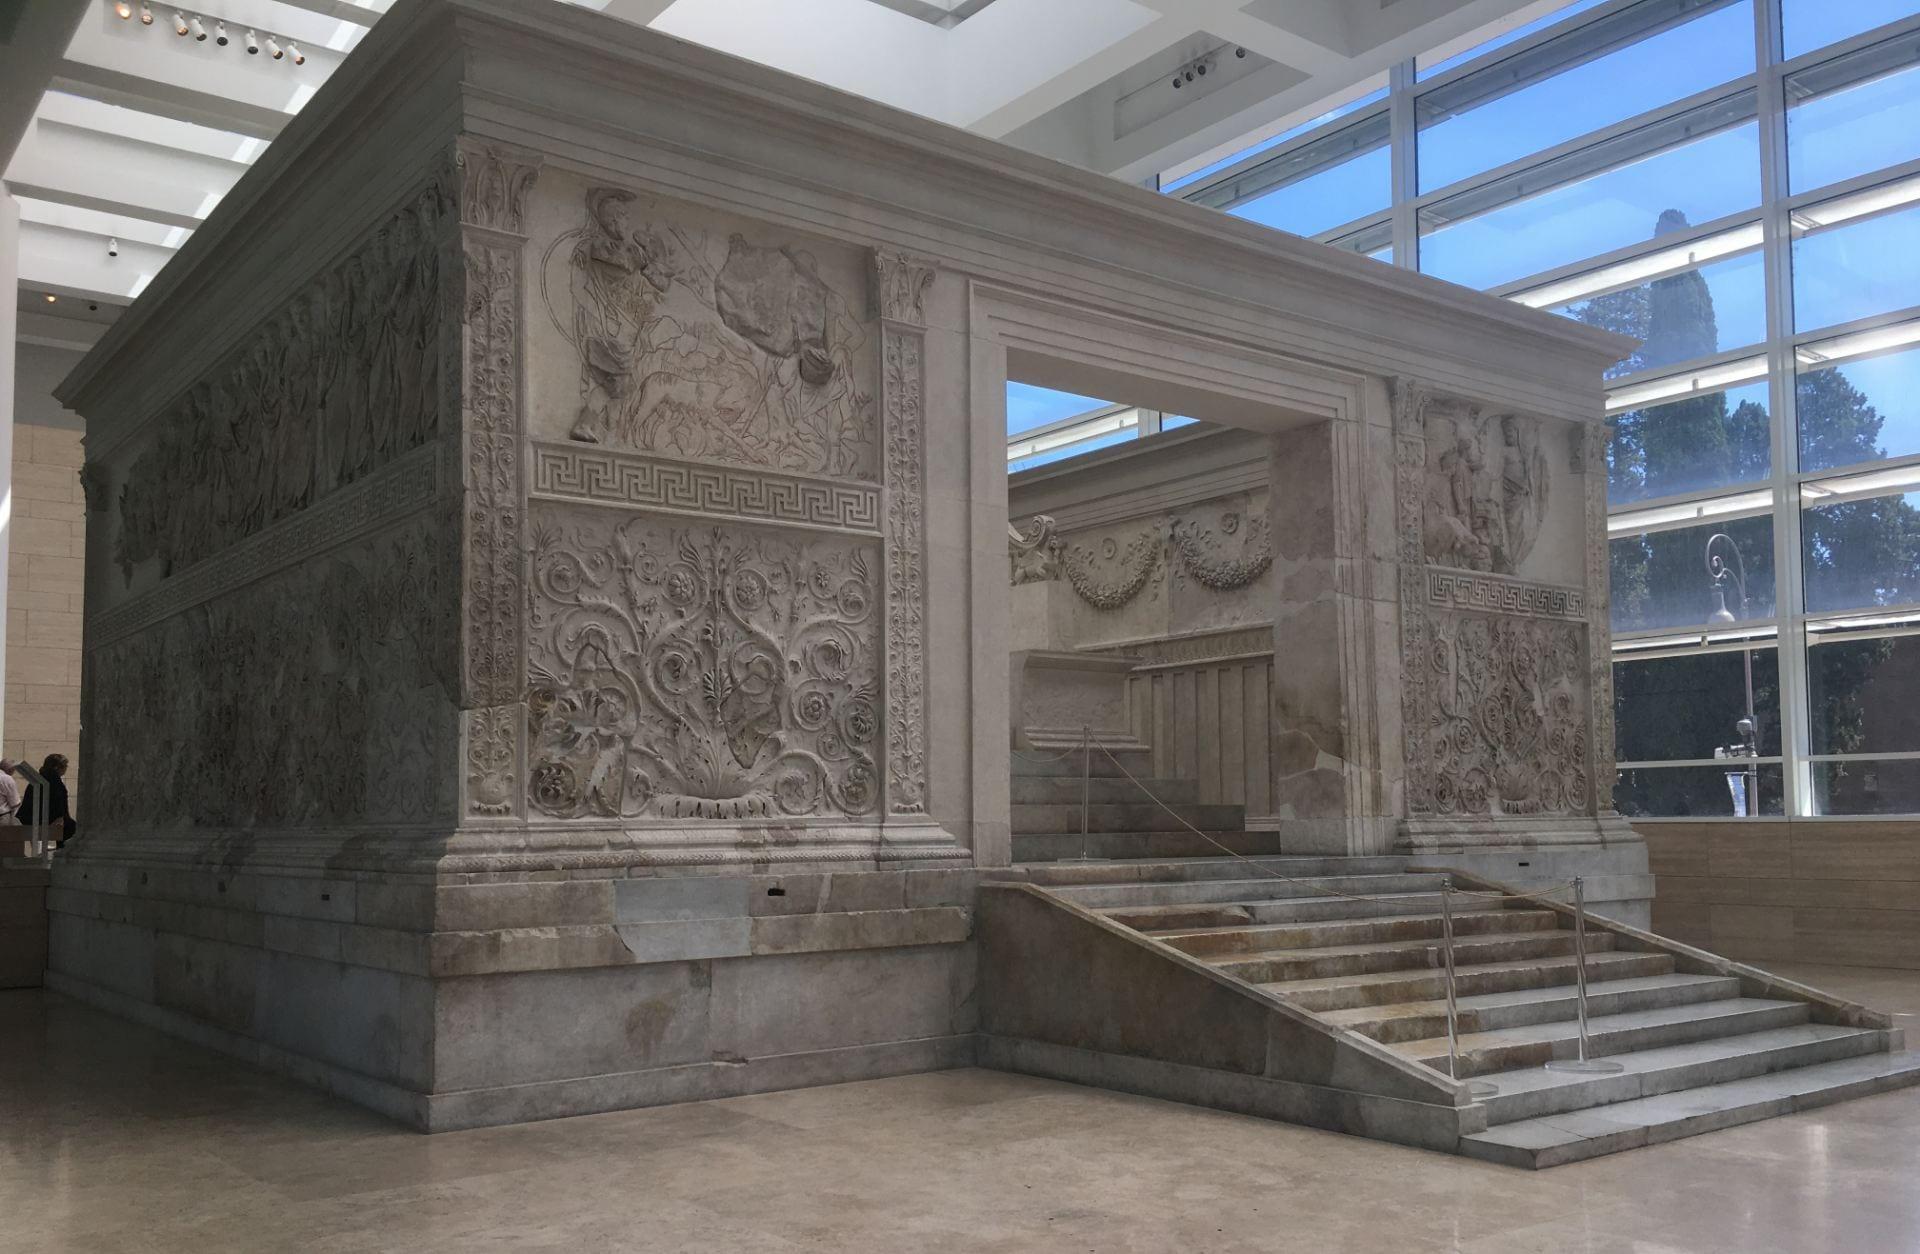 Revisiting Augustus S Alternative Truth Forum